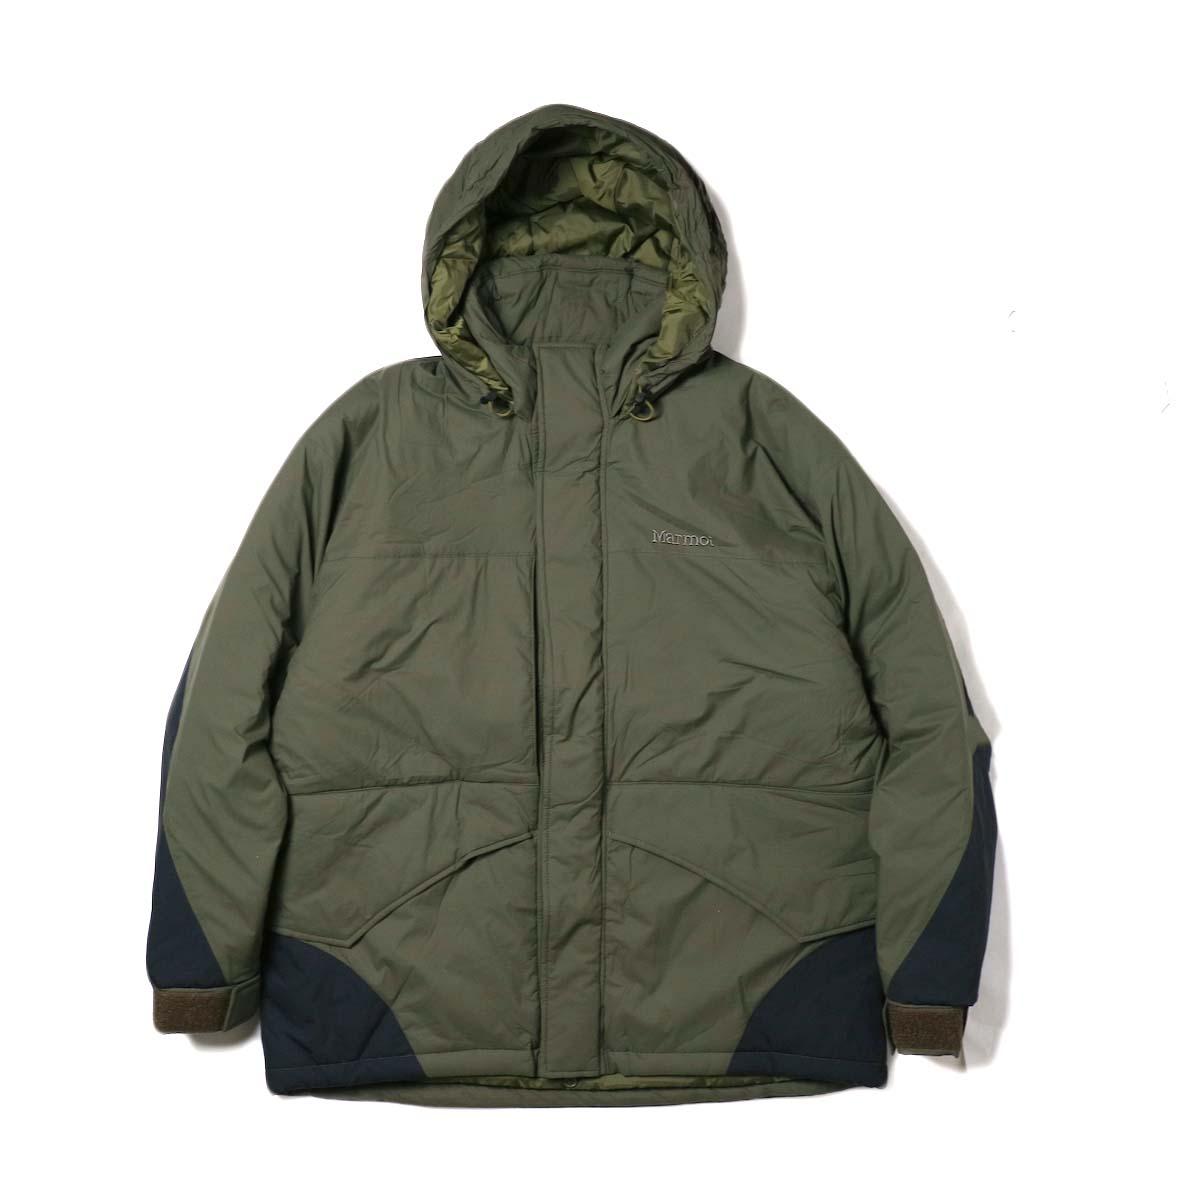 Marmot / Randonnee Loft Jacket (Olive)